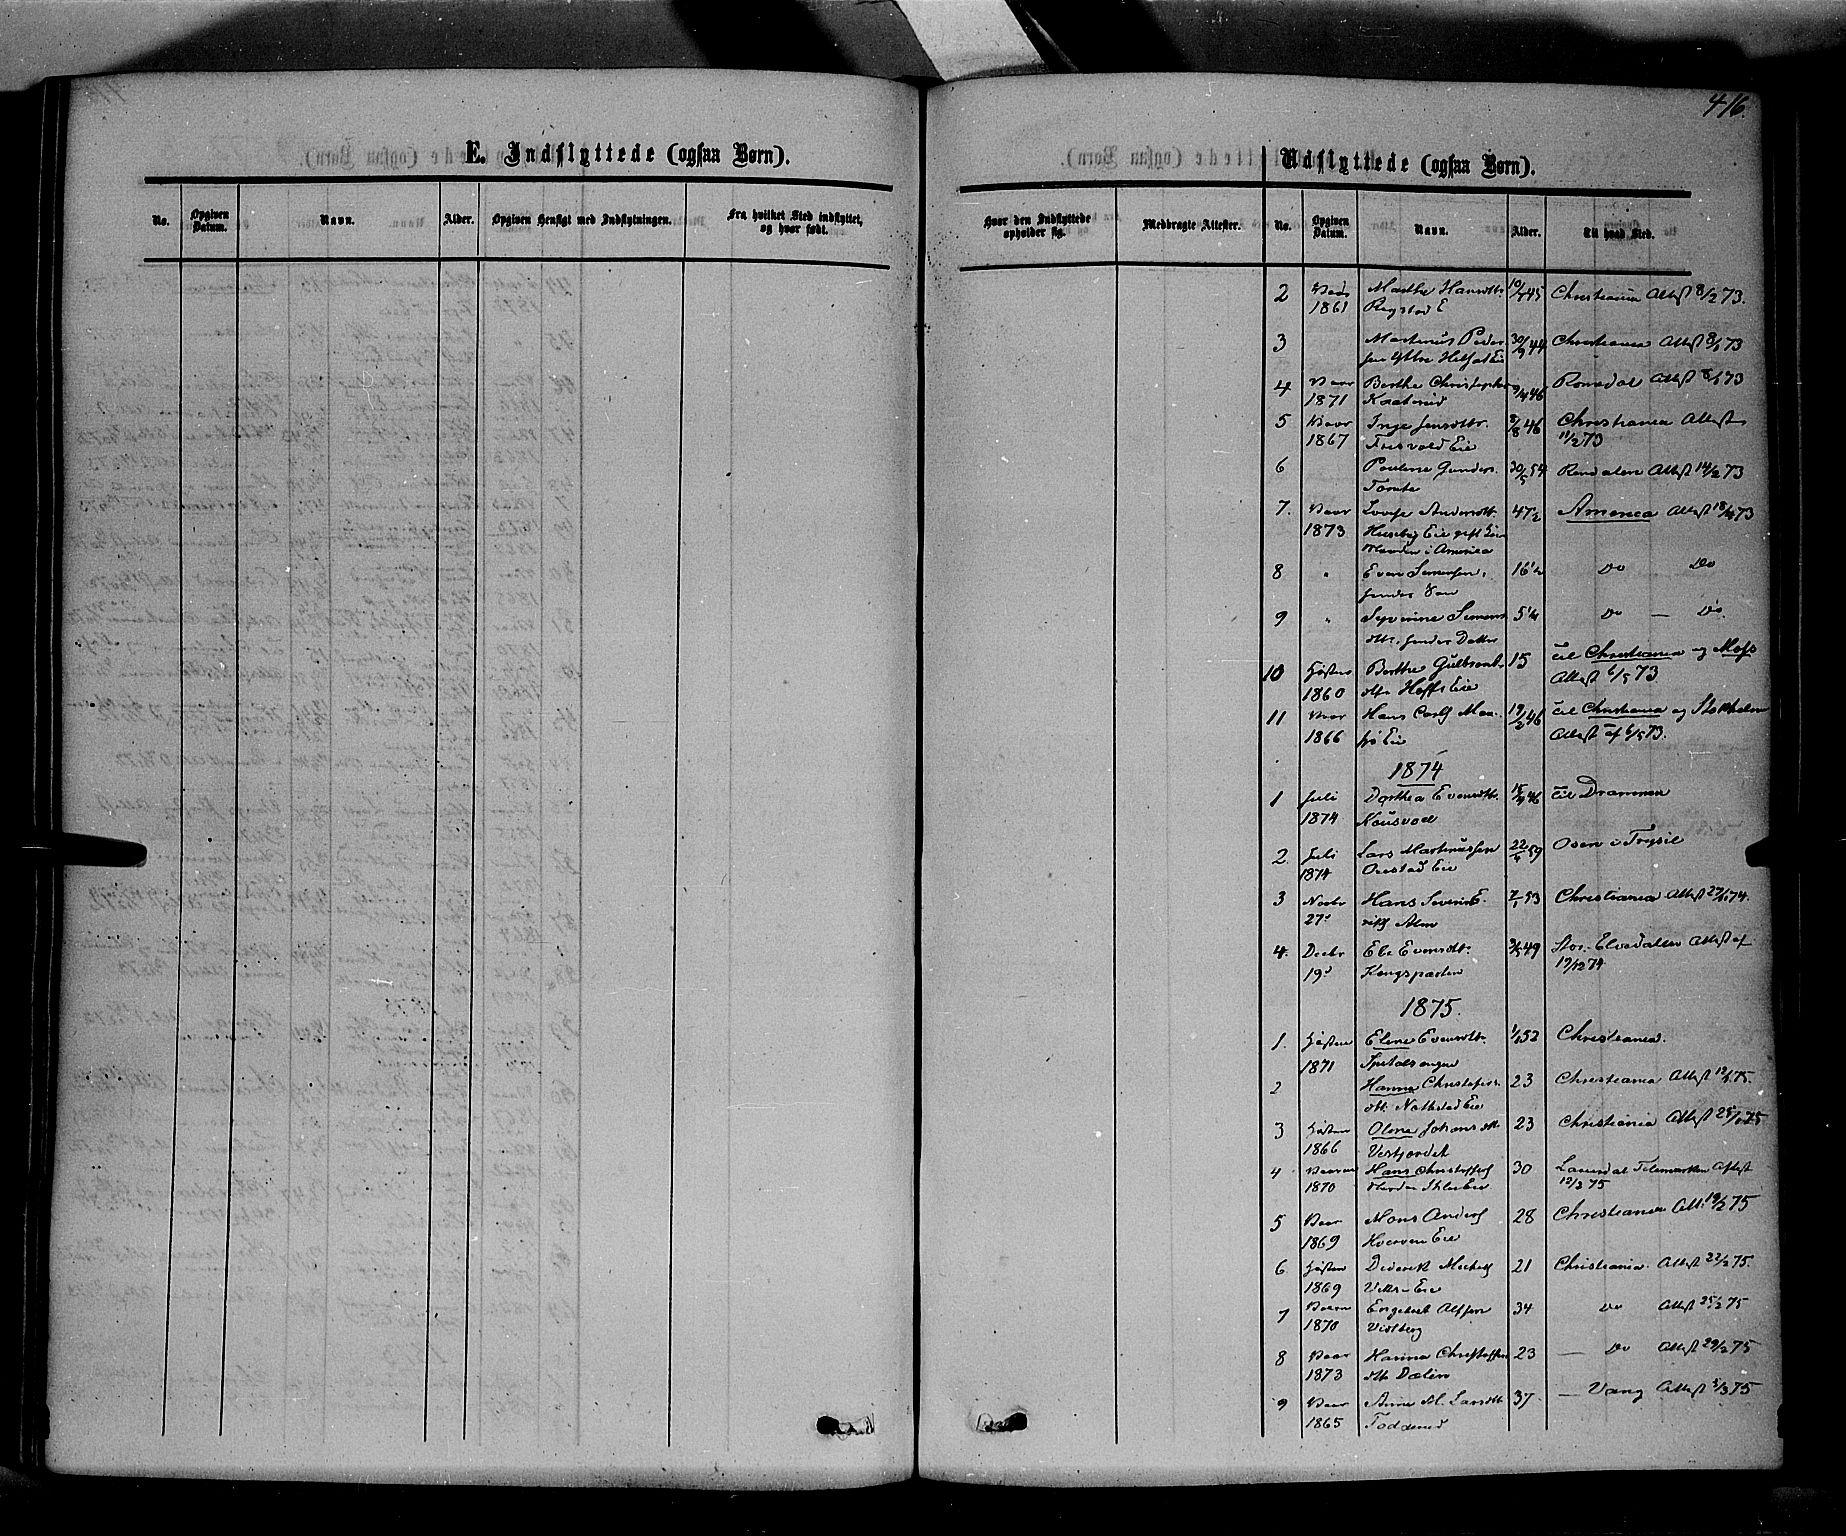 SAH, Stange prestekontor, K/L0013: Parish register (official) no. 13, 1862-1879, p. 416